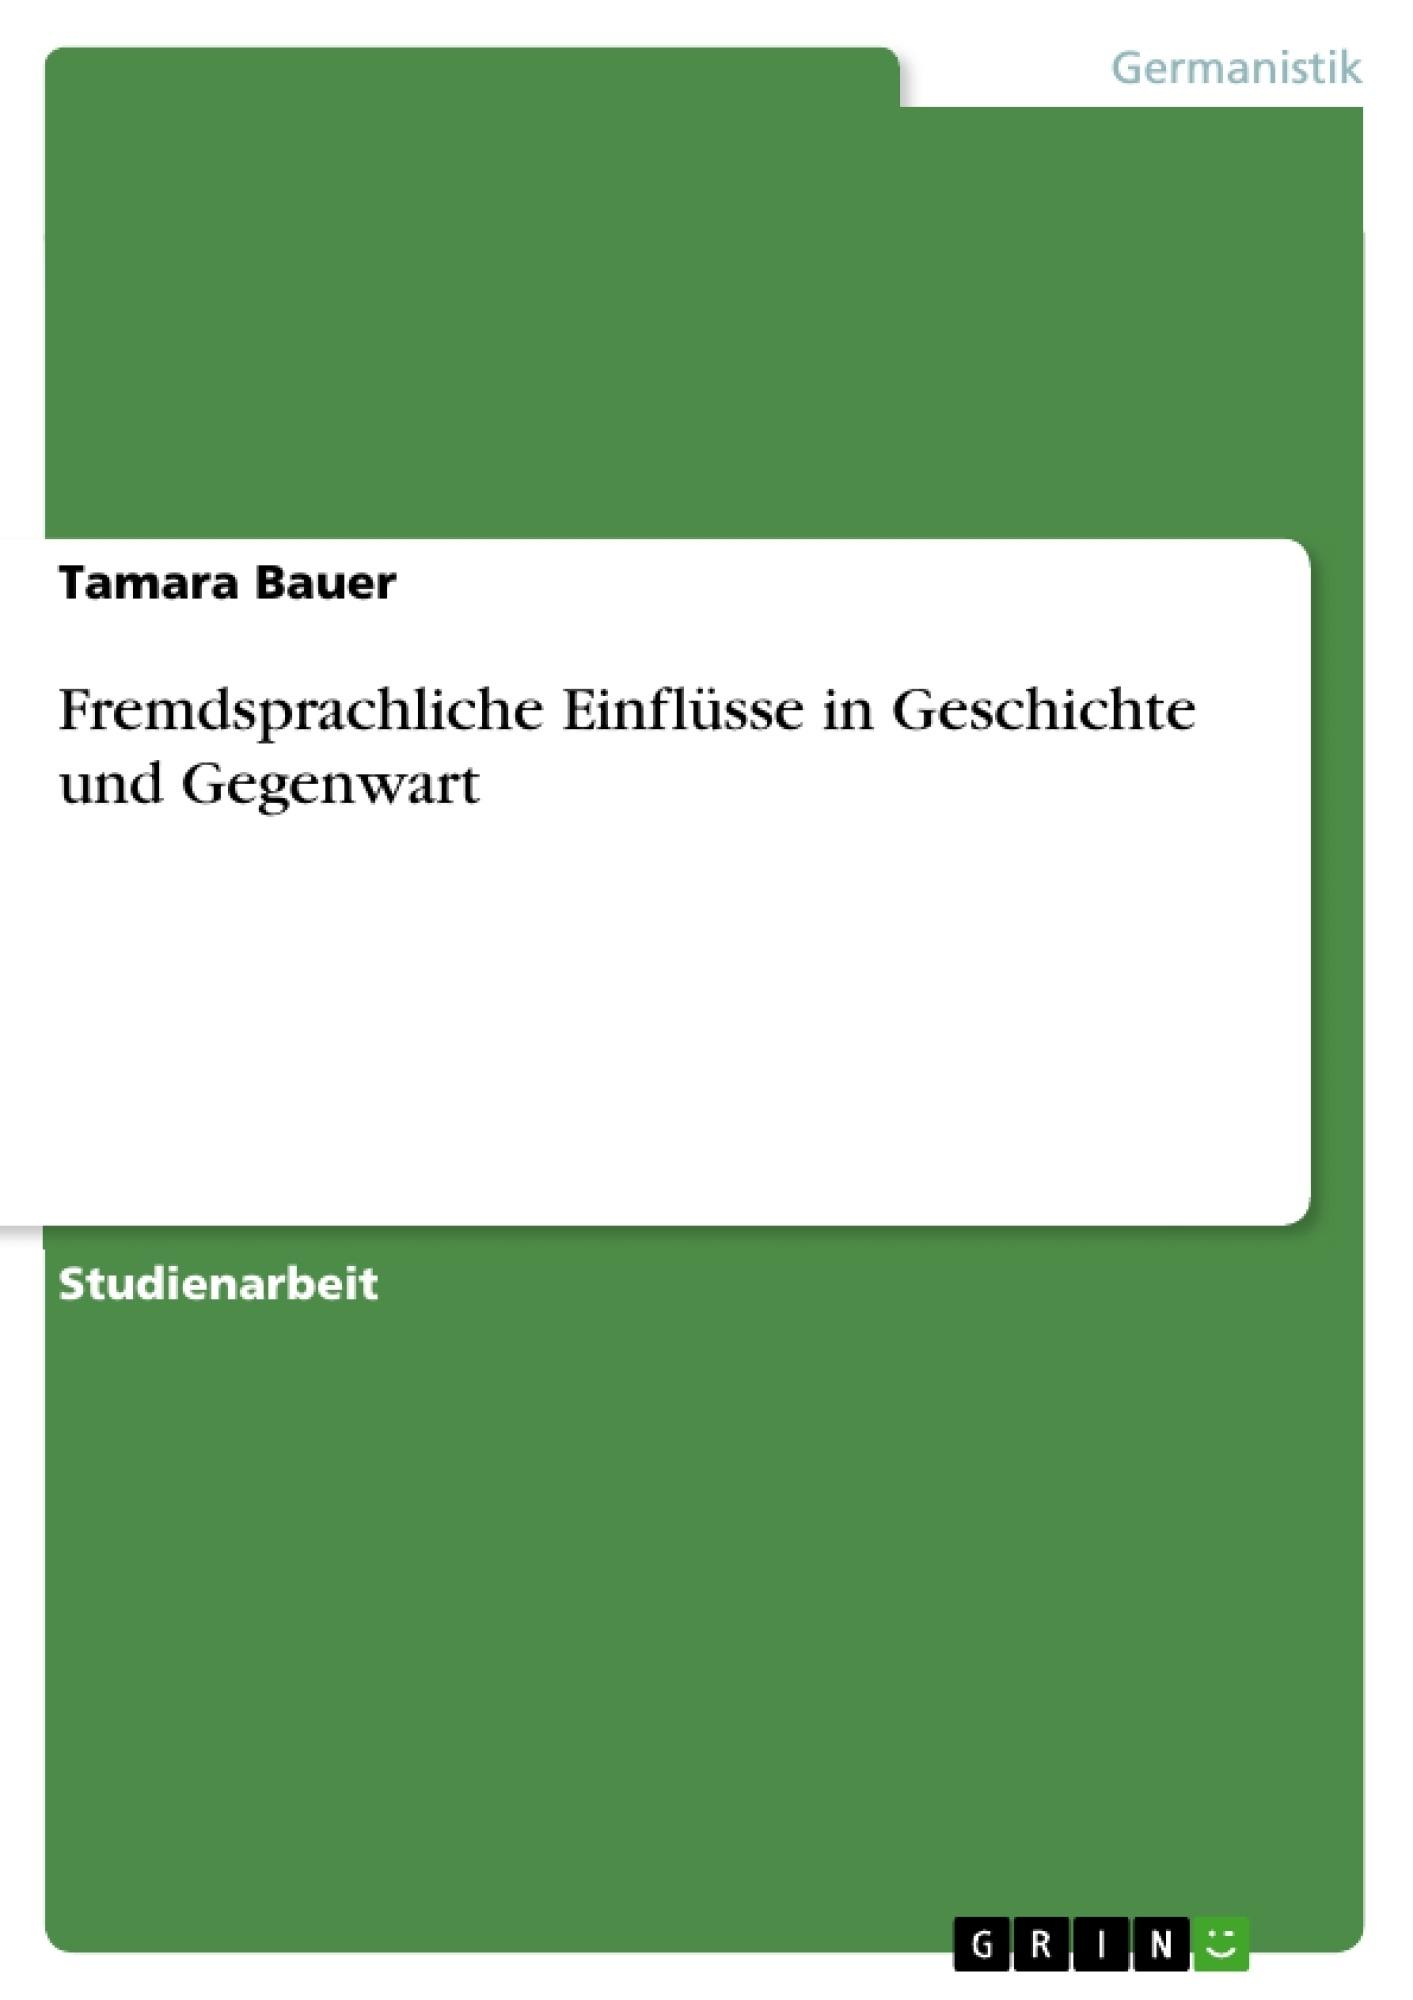 Titel: Fremdsprachliche Einflüsse in Geschichte und Gegenwart